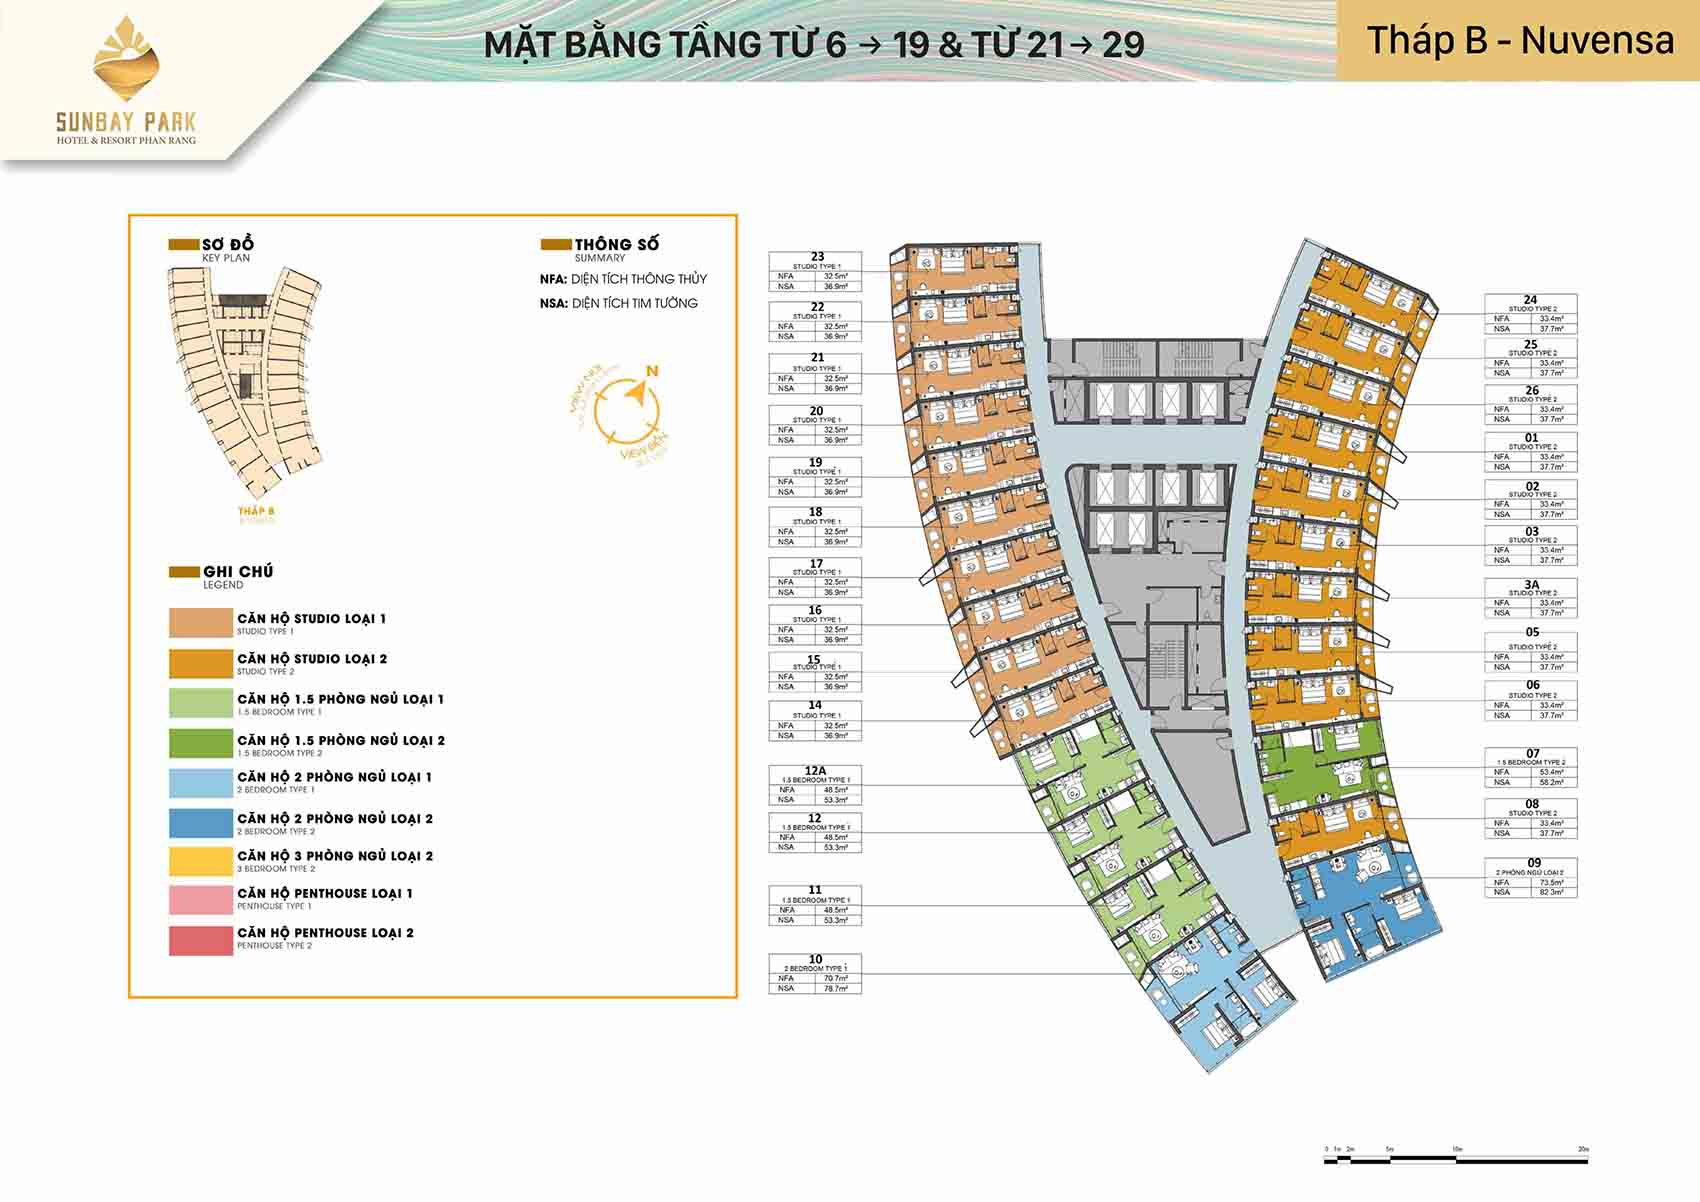 Mặt bằng thiết kế tòa B Nuvensa tầng từ 6-19 21-28 dự án Sunbay Park Phan Rang Ninh Thuận